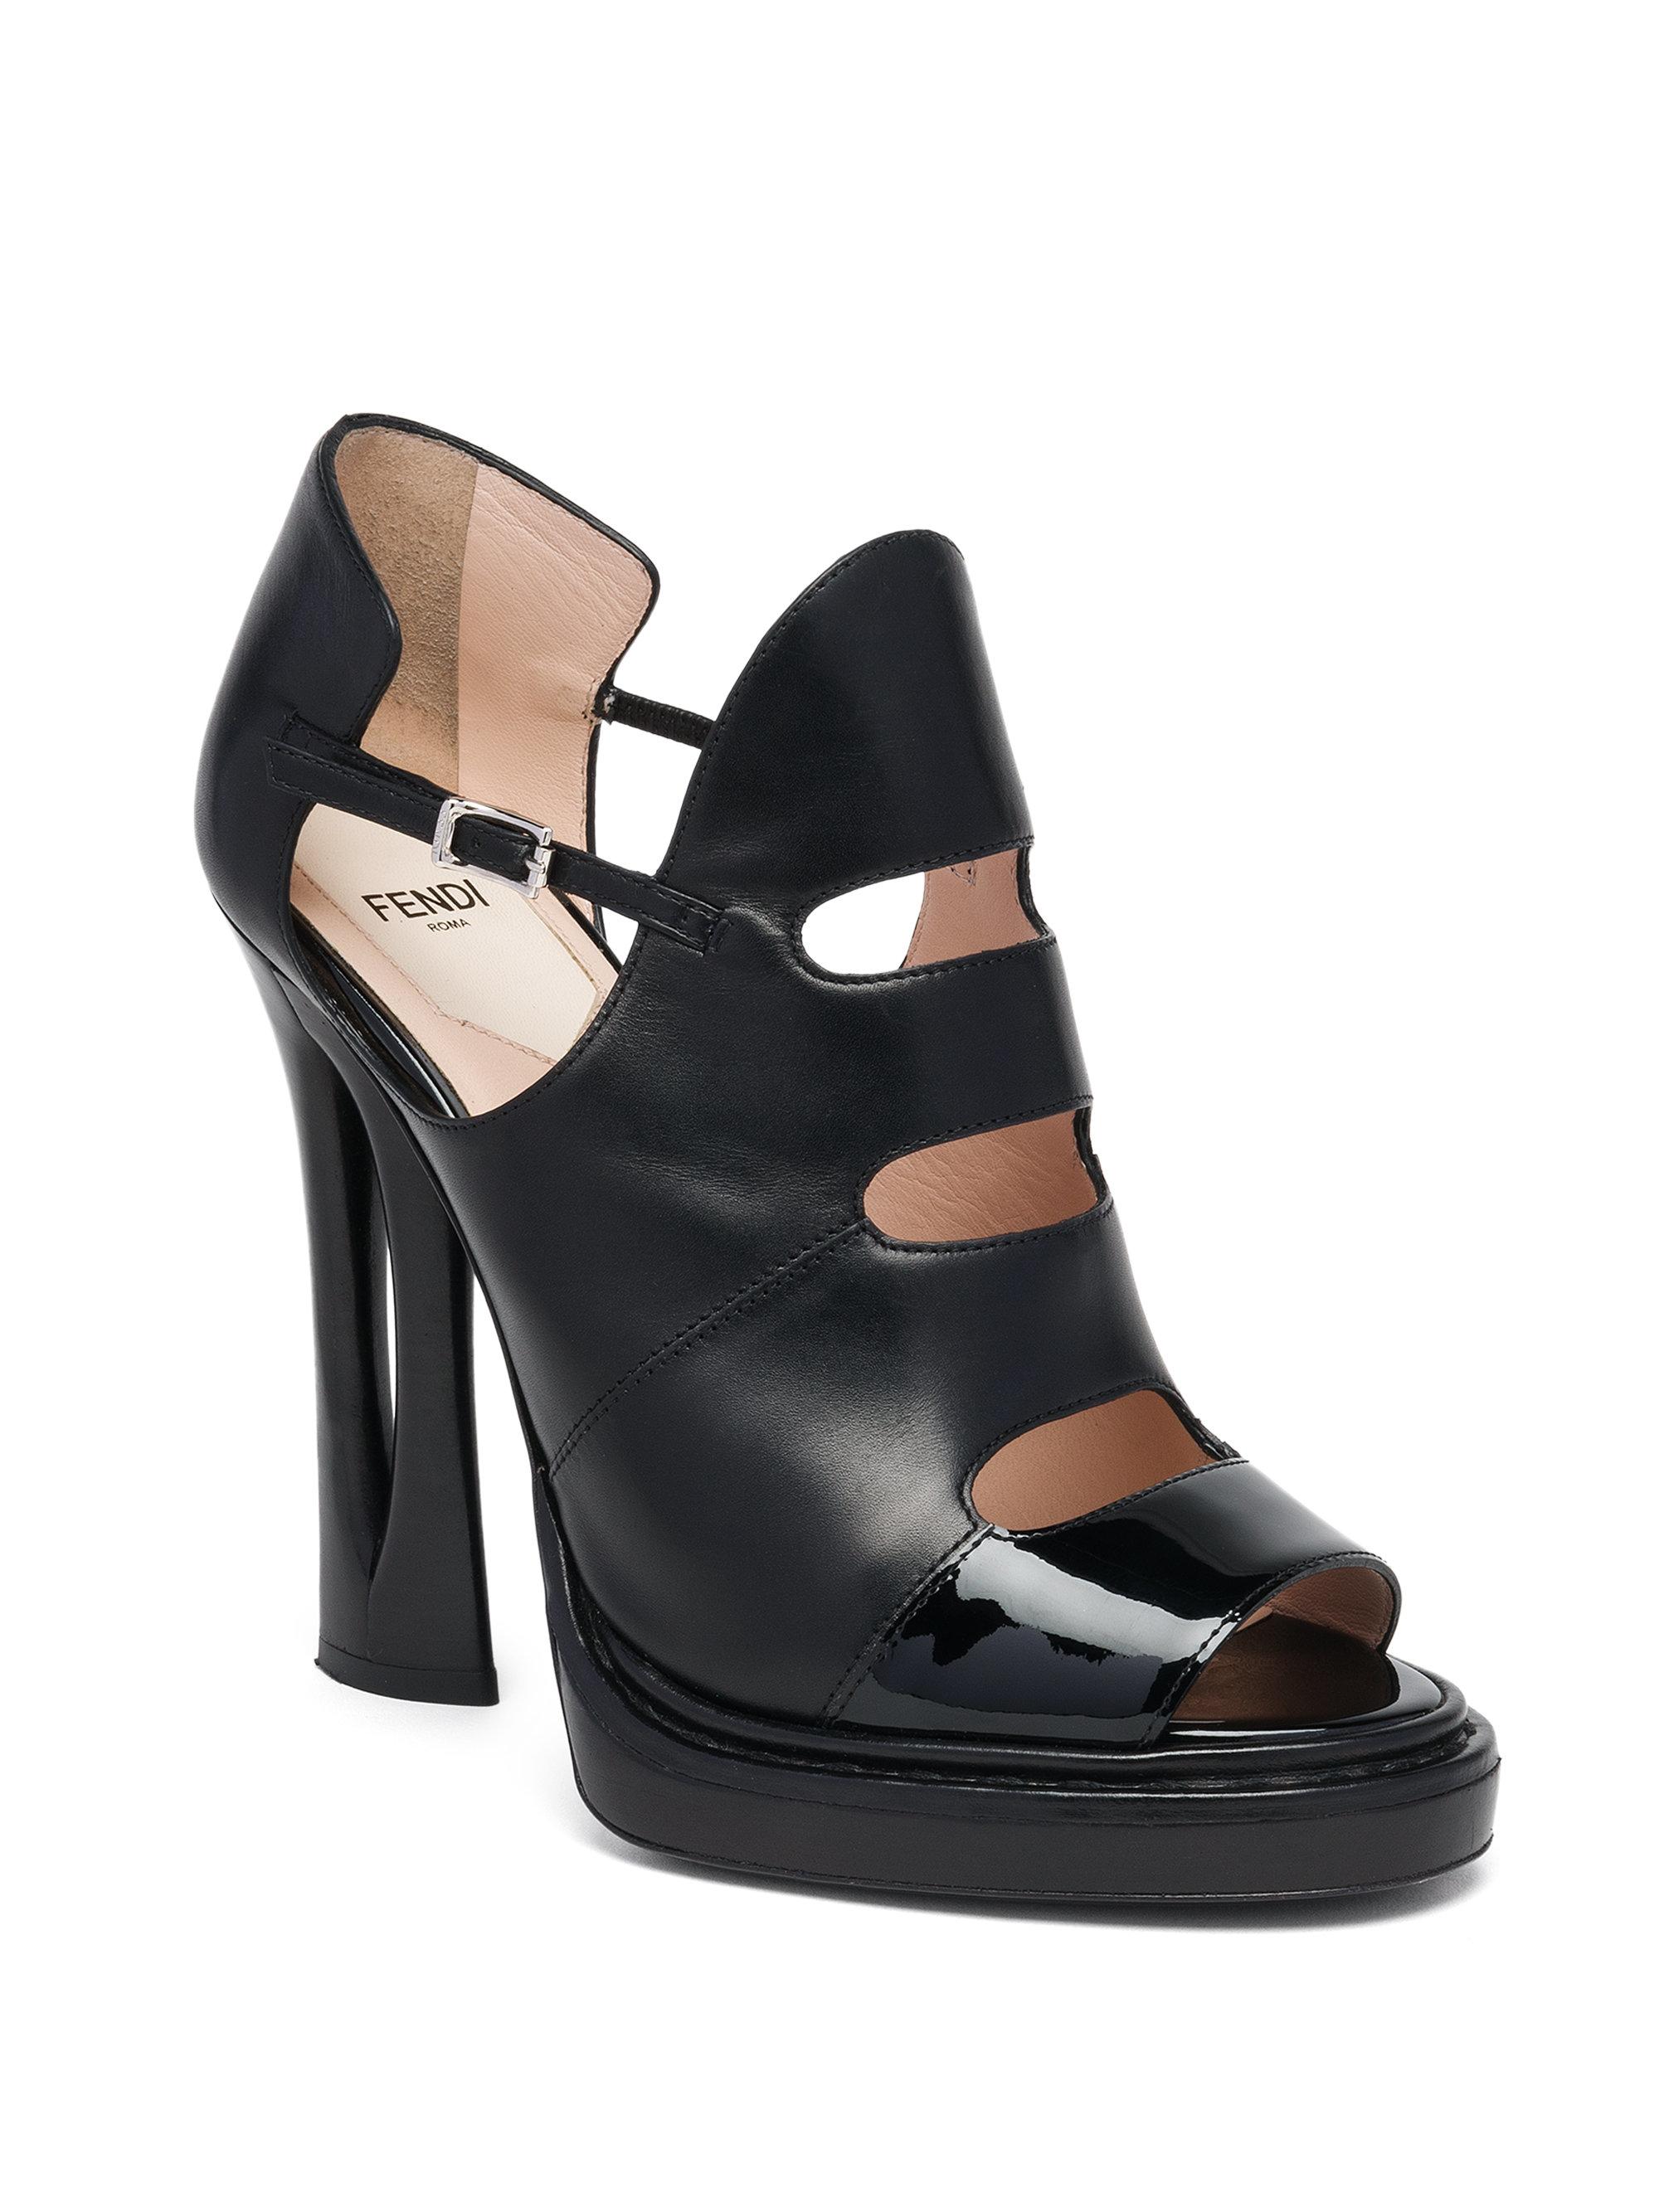 Lyst - Fendi Flowerland Runway Leather   Patent Peep-toe Booties in ... b5775b983